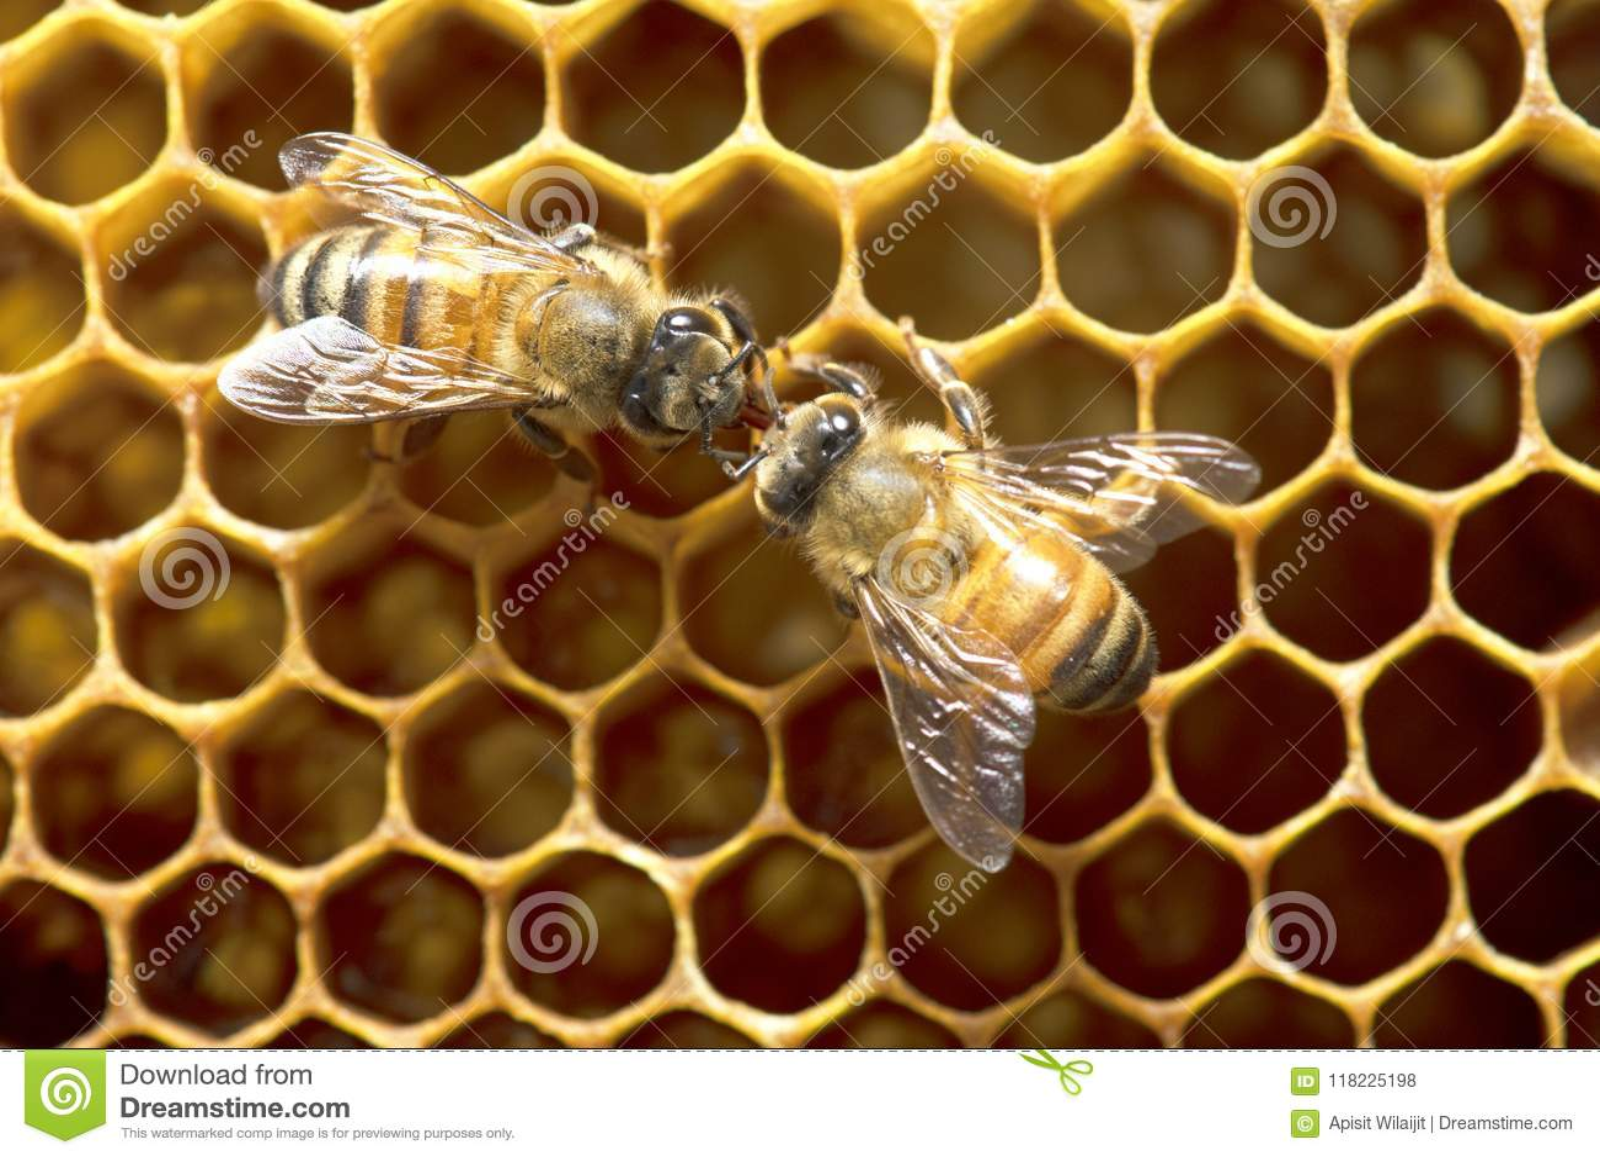 Miodowe pszczoły na pszczoła roju w Tajlandia i Azja Południowo-Wschodnia